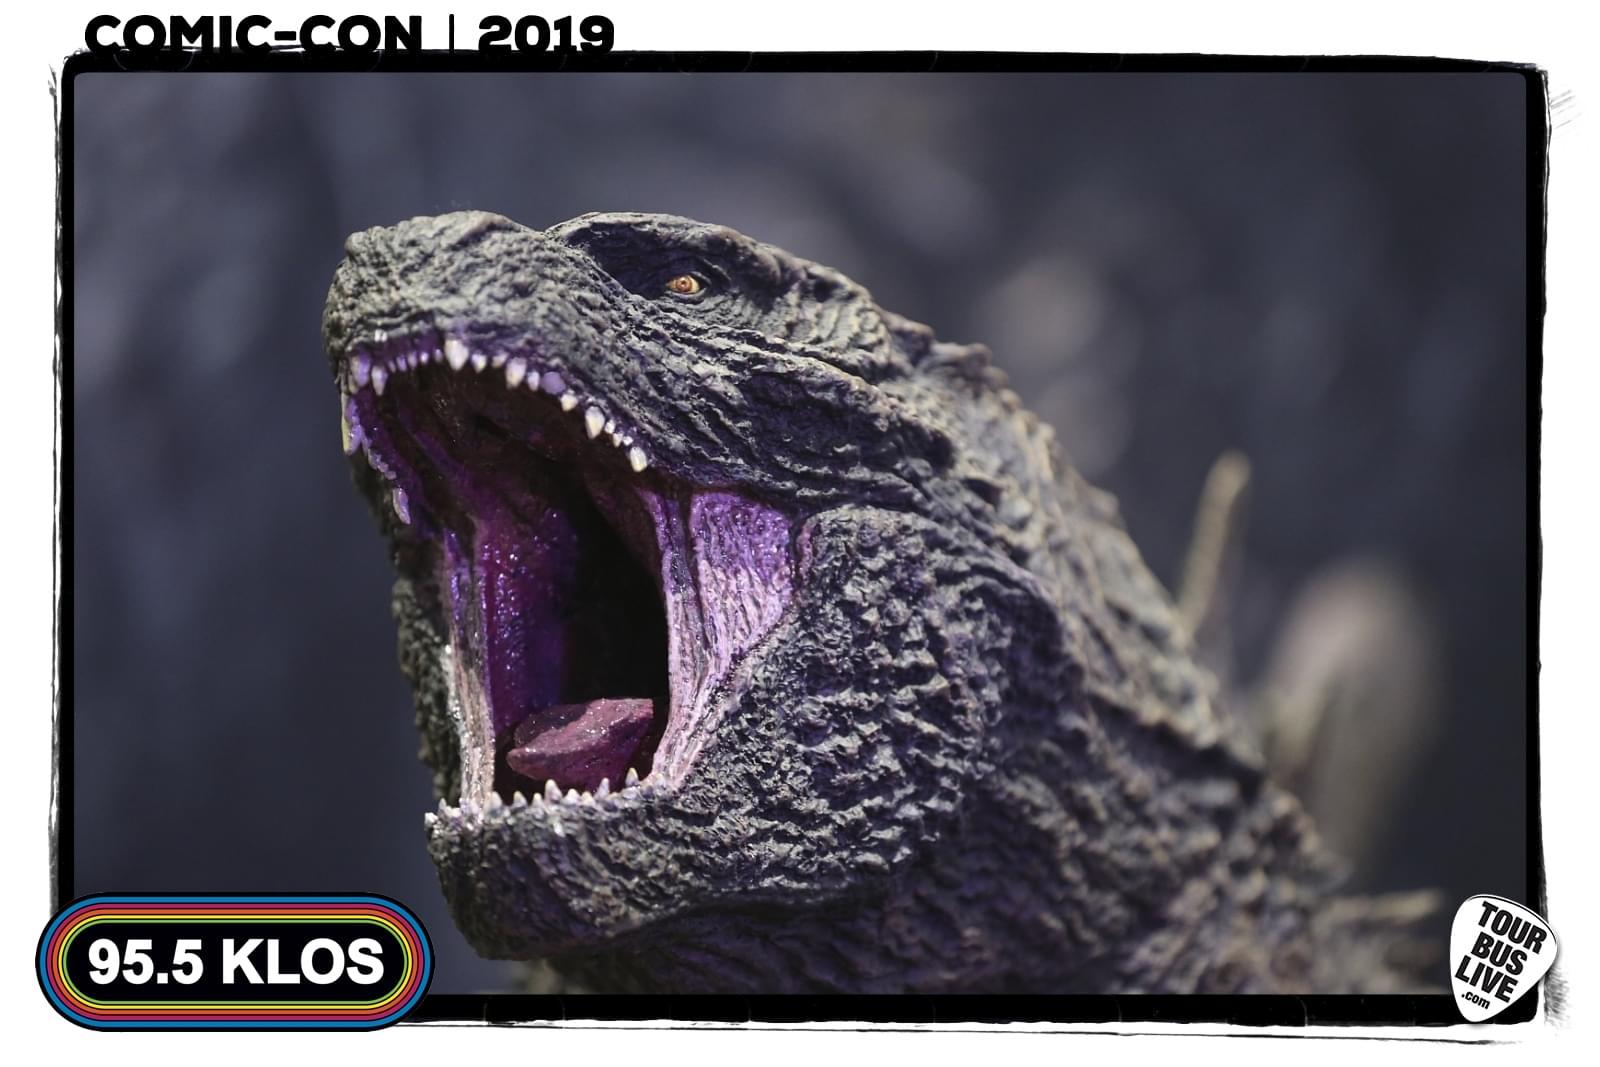 Comic-Con-2019-178